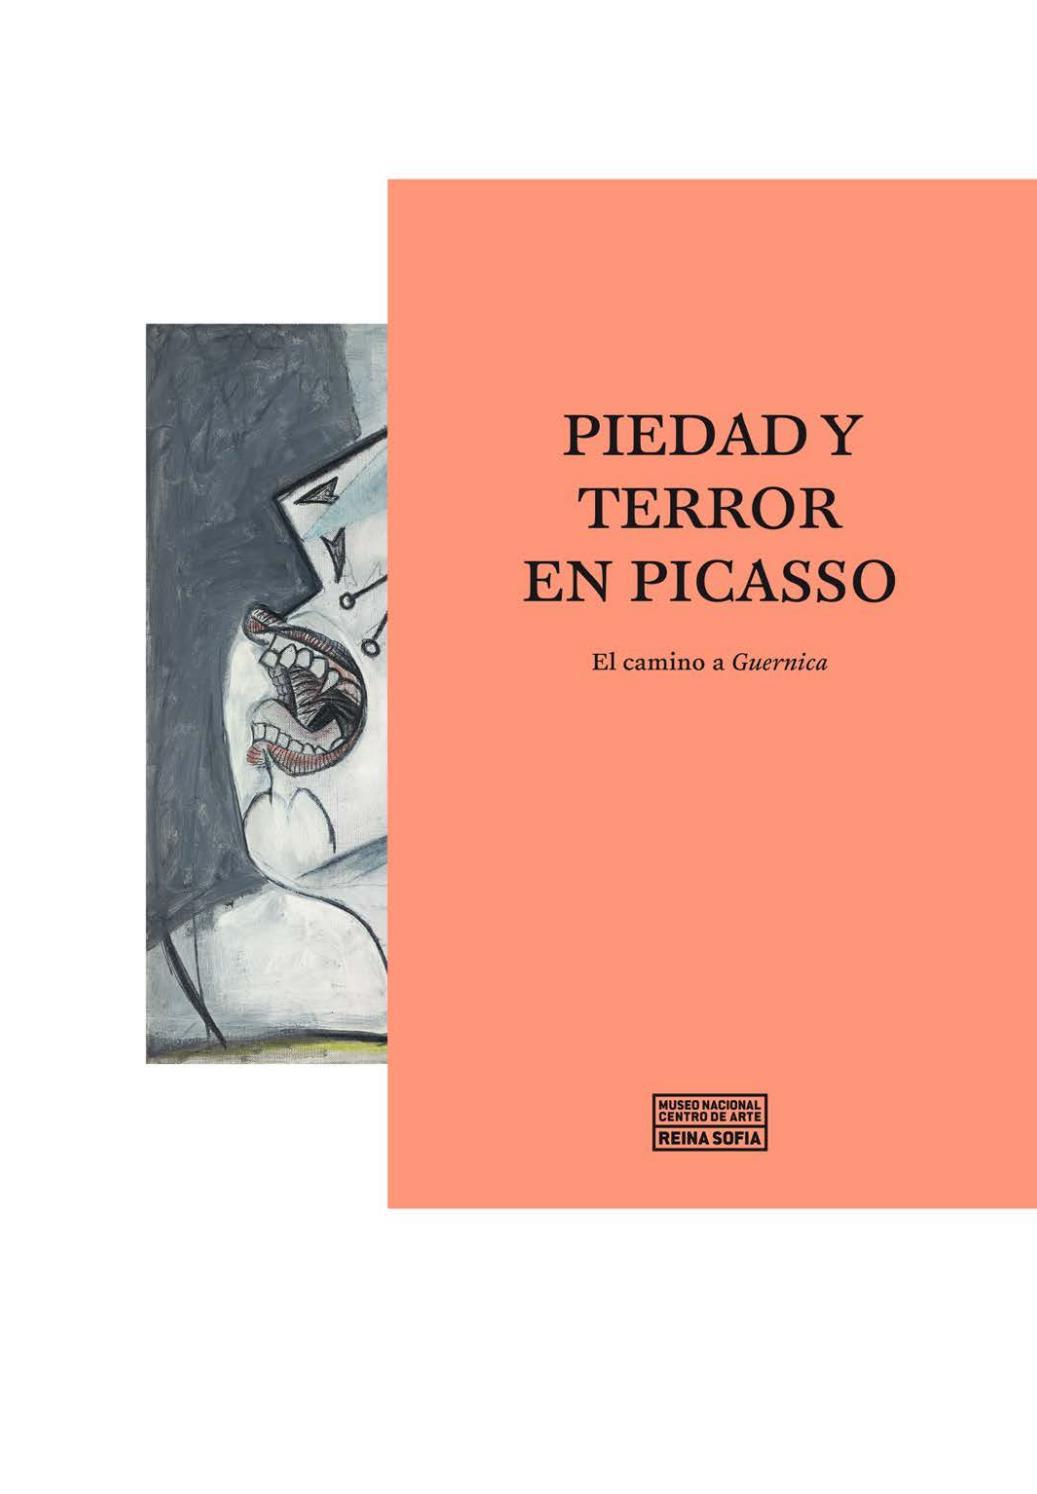 Catálogo Piedad Y Terror En Picasso By Museo Reina Sofía